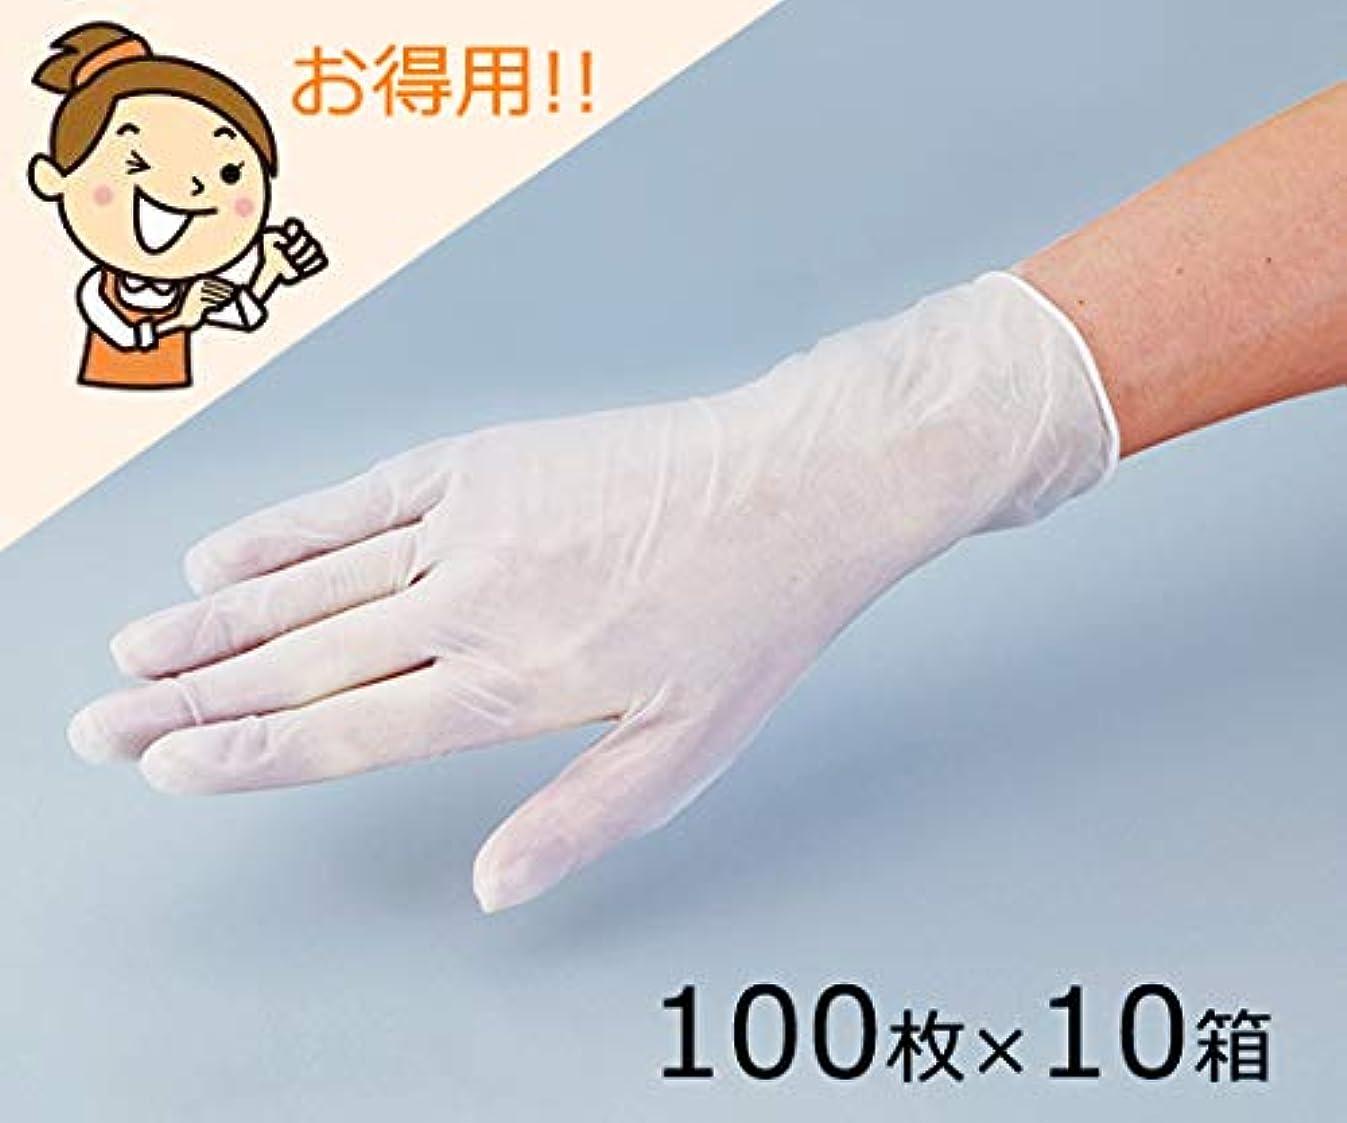 敬の念凍結促進するアズワン7-2396-11ケアプラスチック手袋(パウダーフリー)L1ケース(100枚/箱×10箱入)